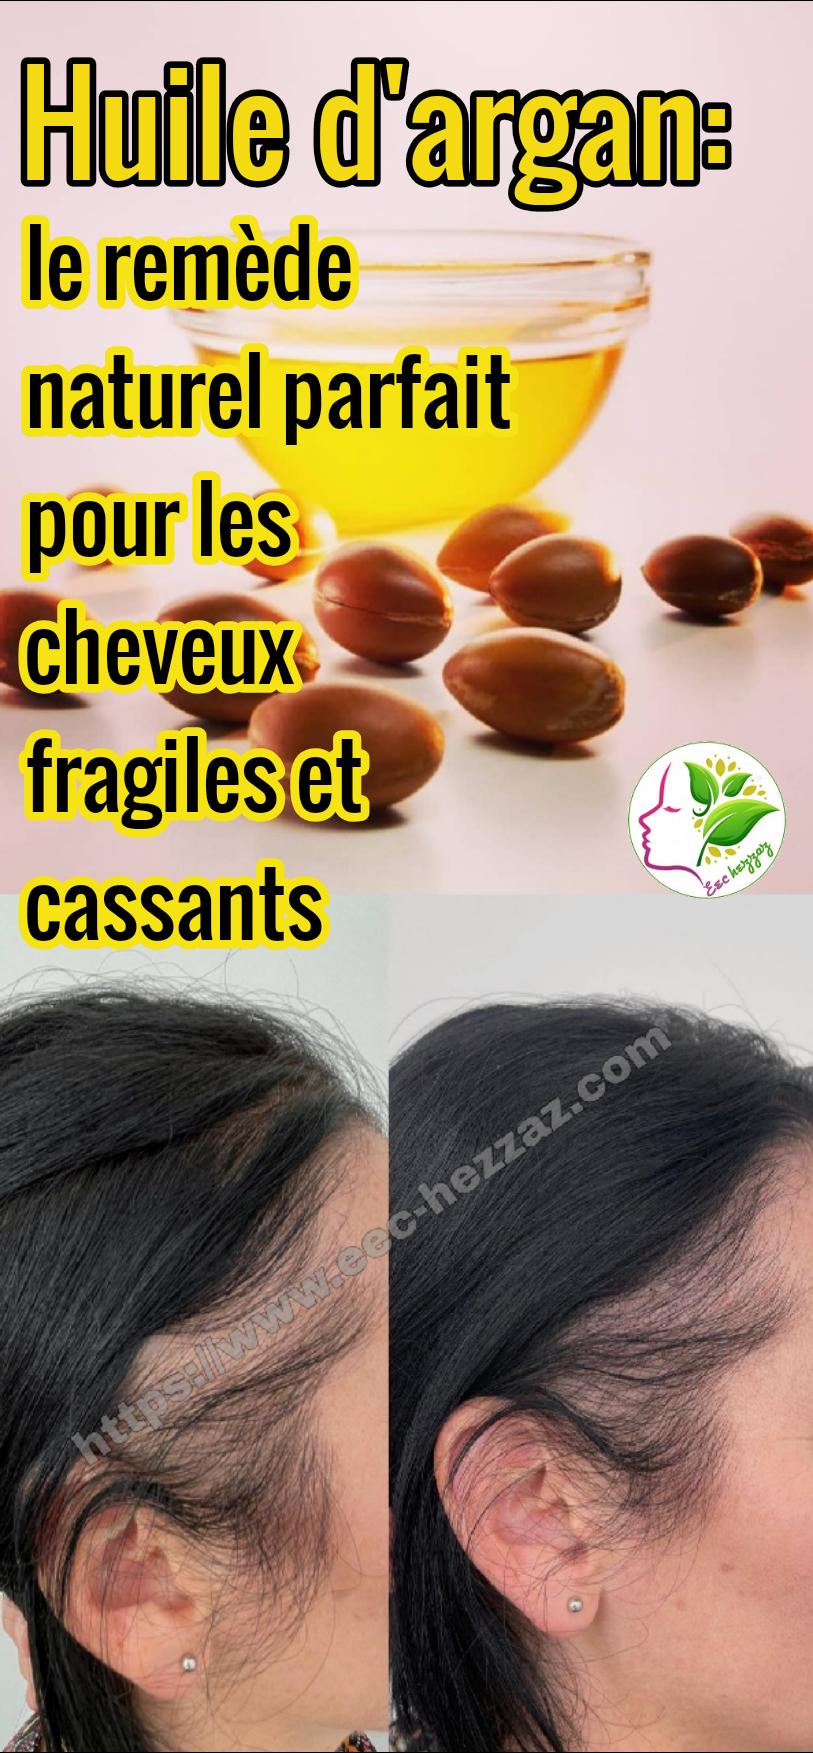 Huile d'argan: le remède naturel parfait pour les cheveux fragiles et cassants